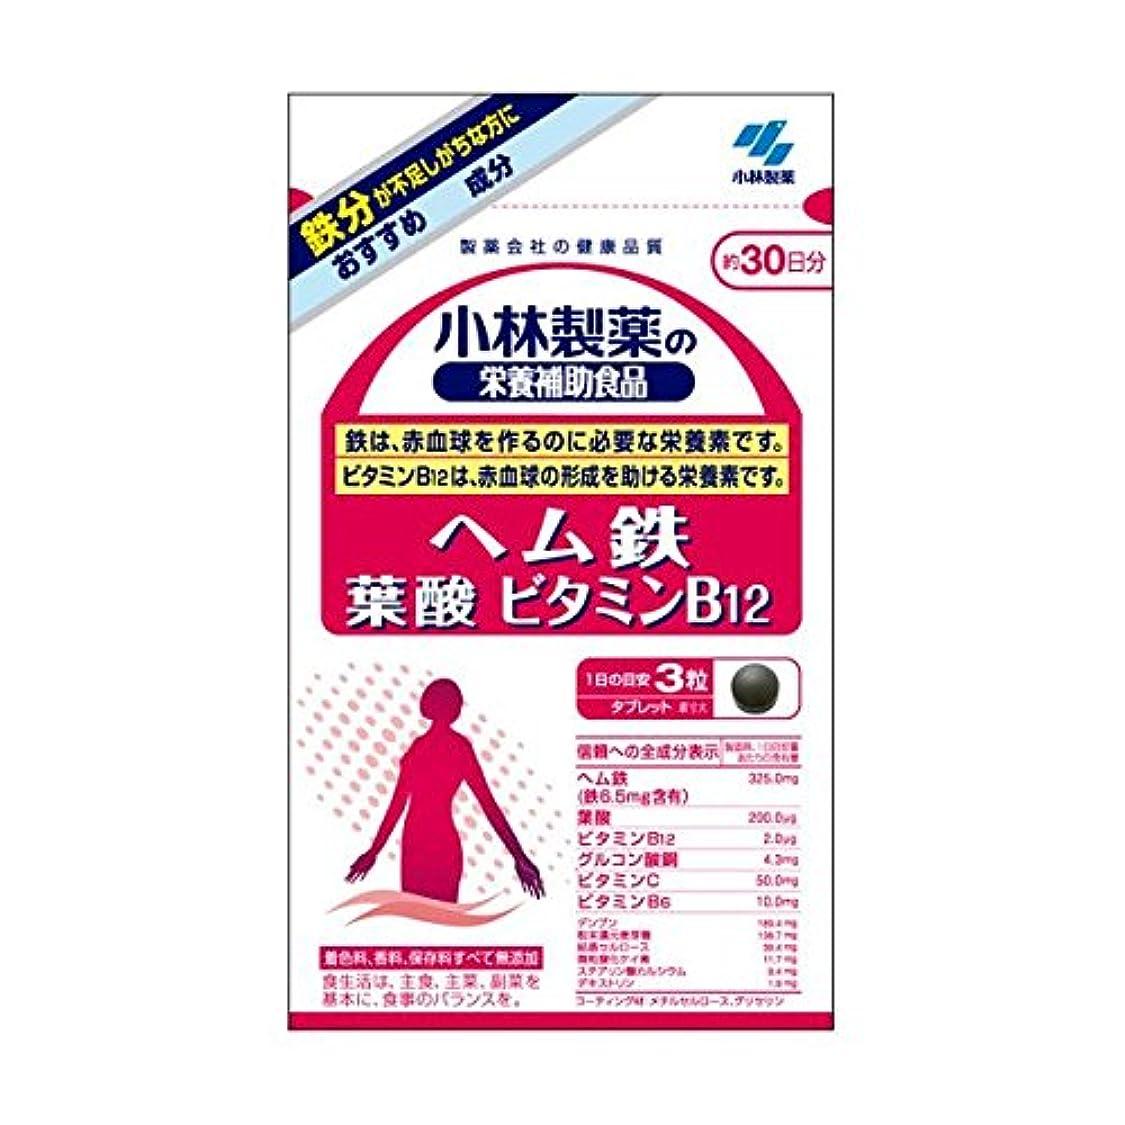 乳製品マザーランド苦味小林製薬 小林製薬の栄養補助食品ヘム鉄葉酸ビタミンB12 90粒×2